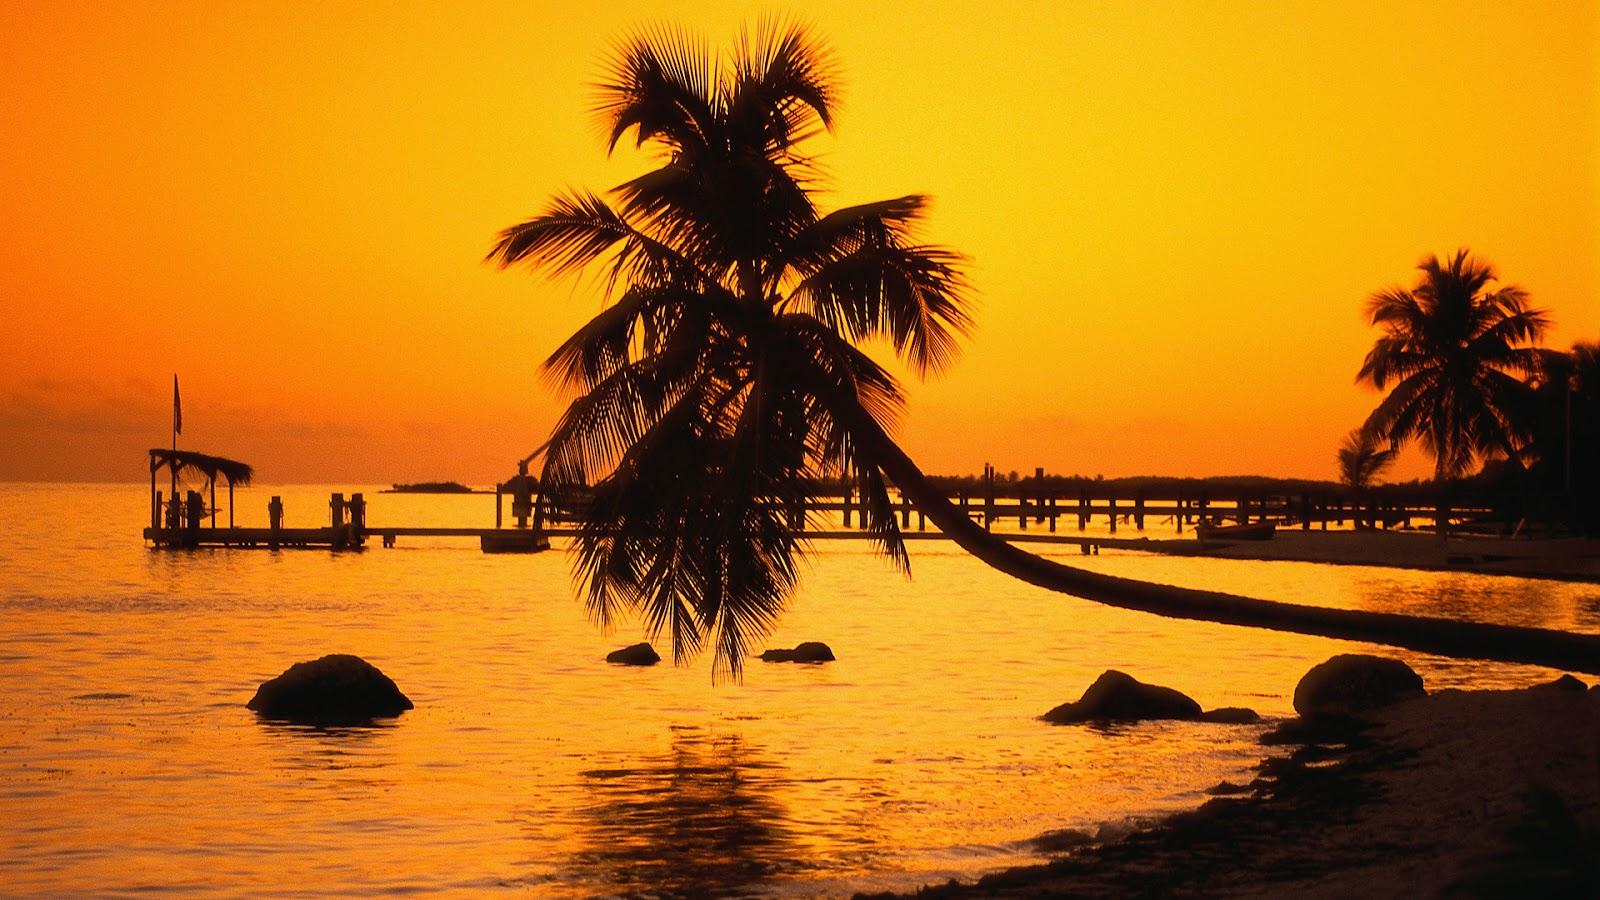 Florida Keys Hd Wallpaper Wallpapersafari